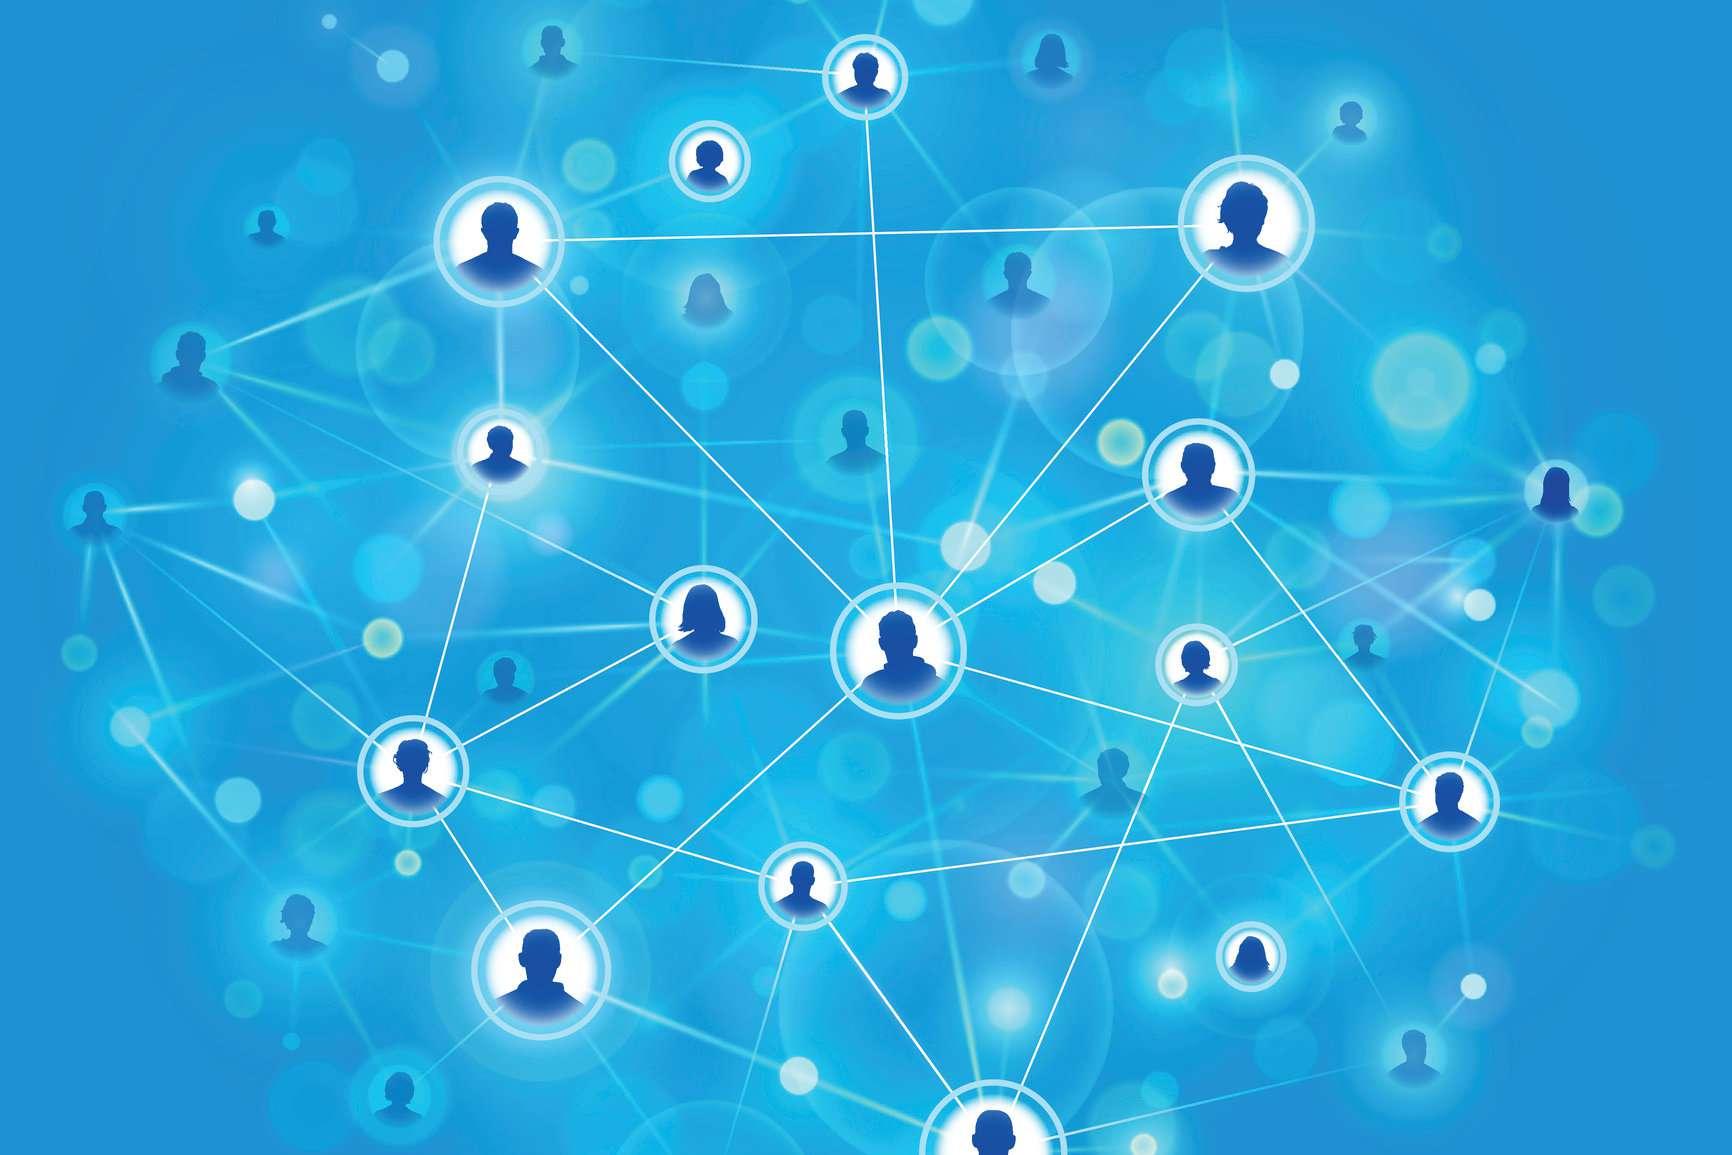 A peer-to-peer network